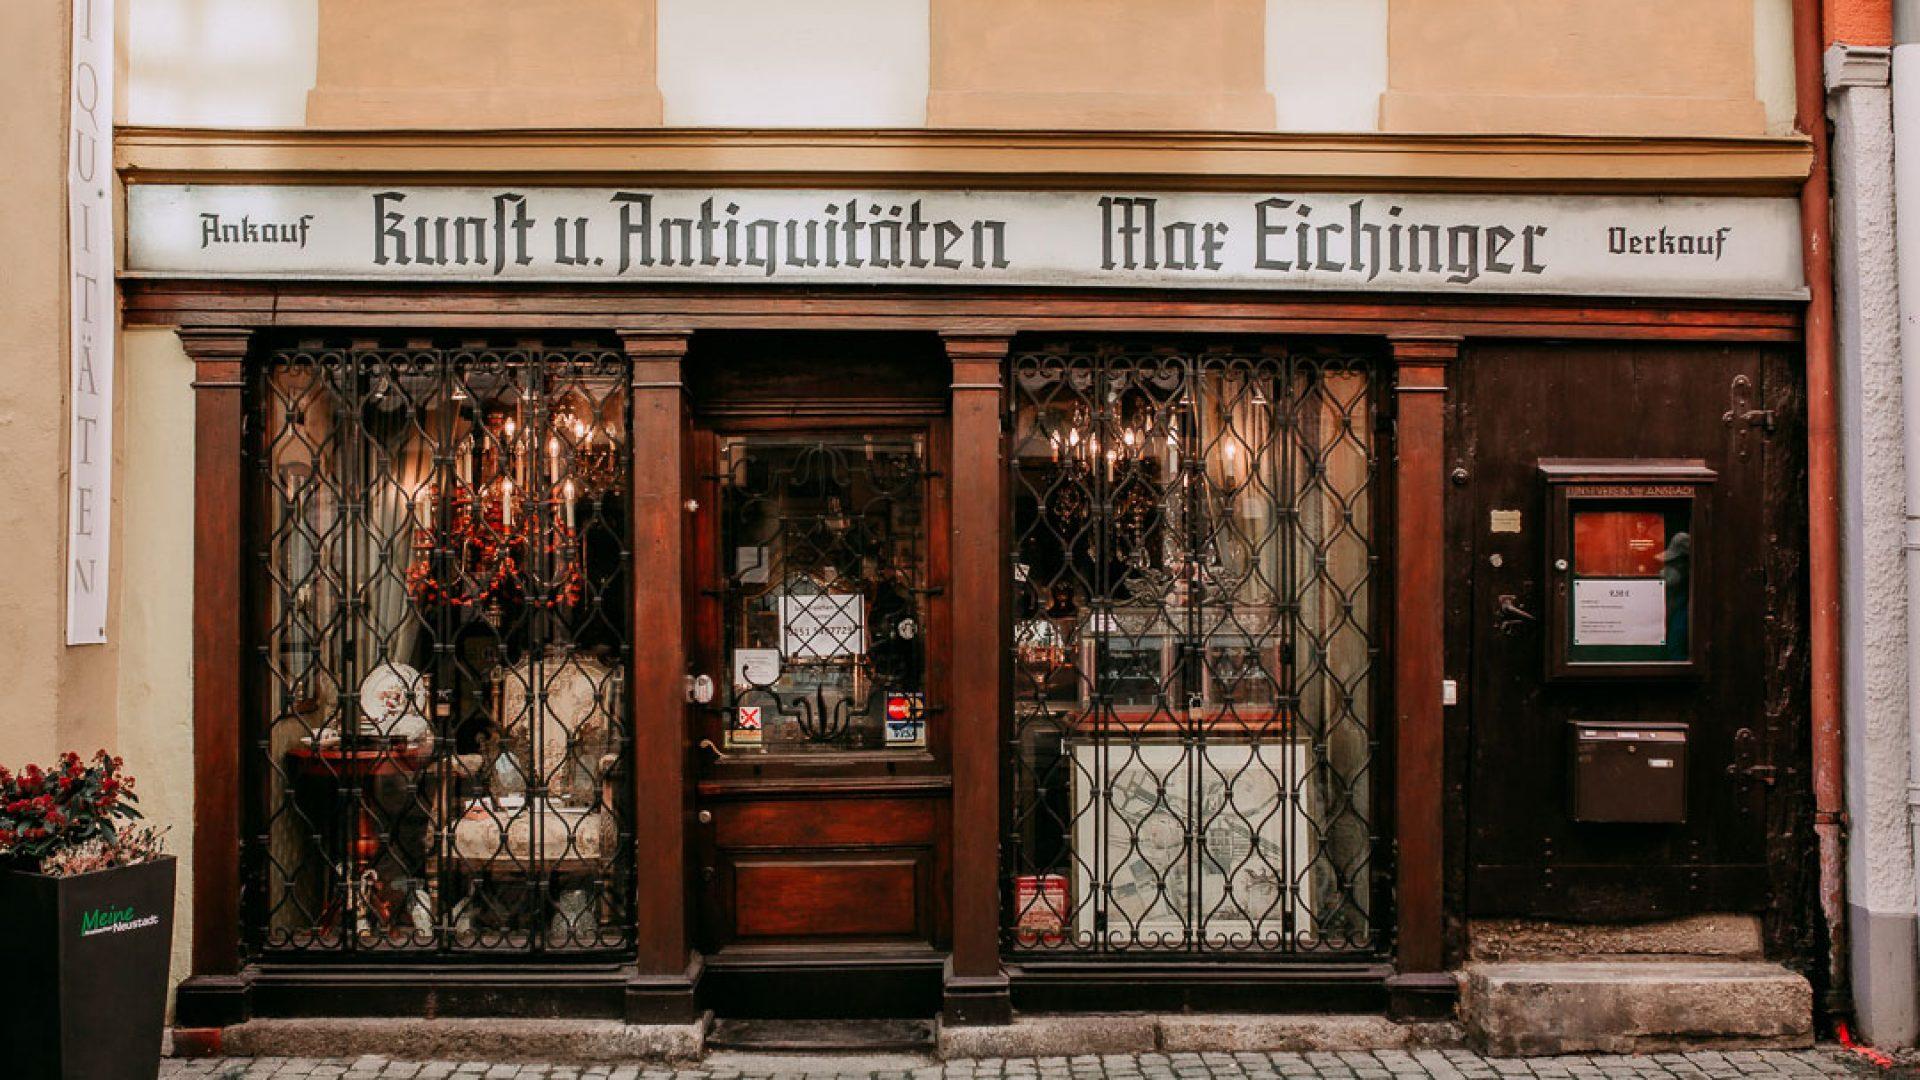 Einkaufen-in-Ansbach-Antiquitaeten-Eichinger